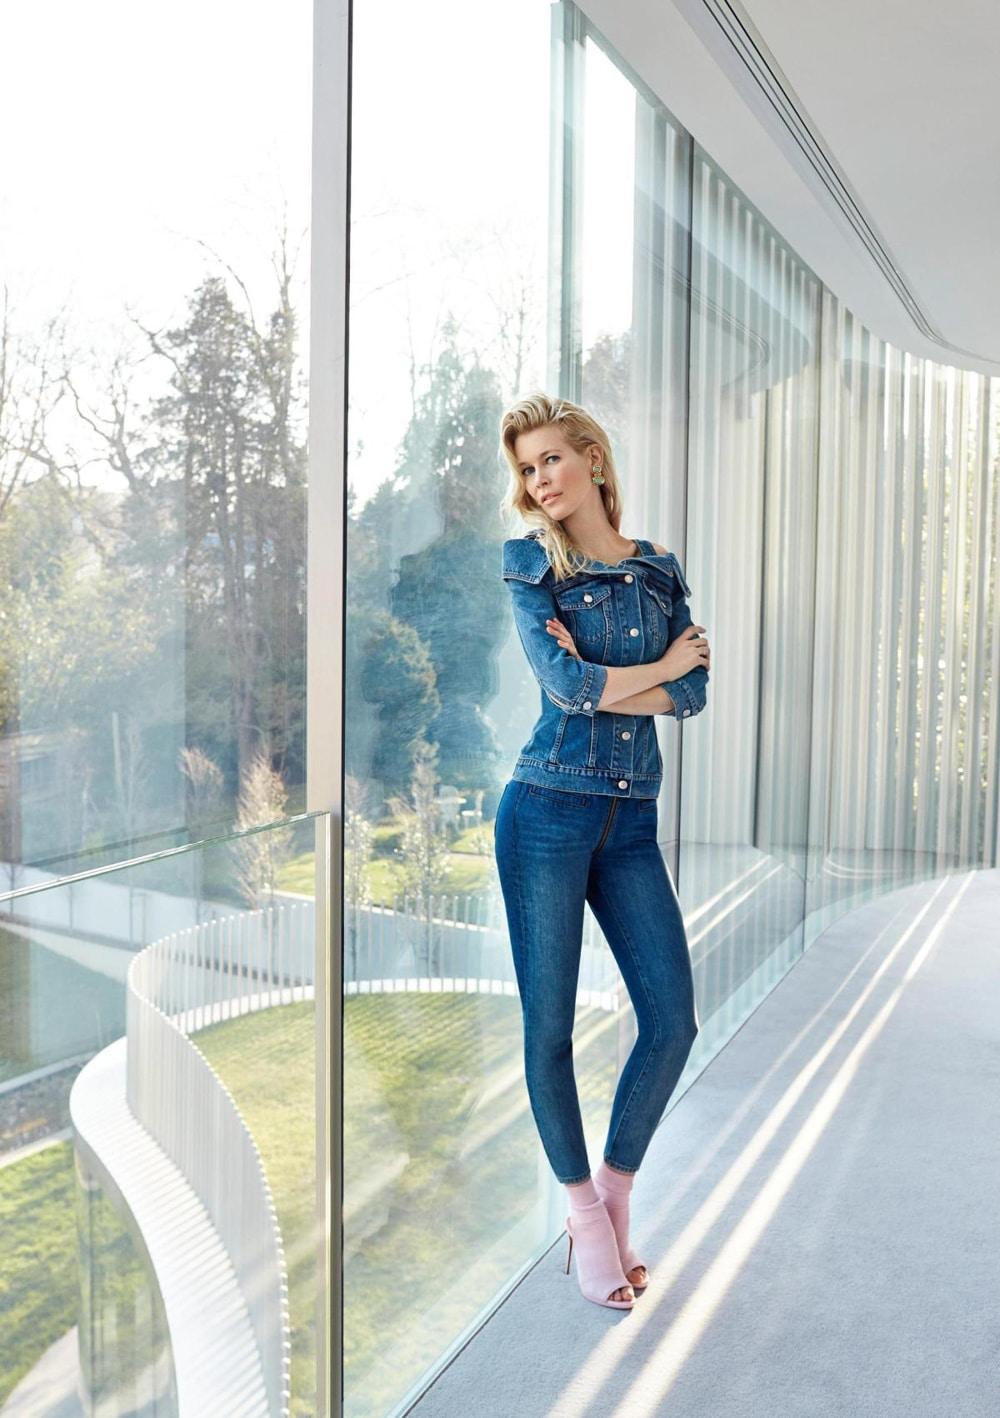 Claudia-Schiffer-ICONist-Magazine-Agata-Pospieszynska-10.jpg